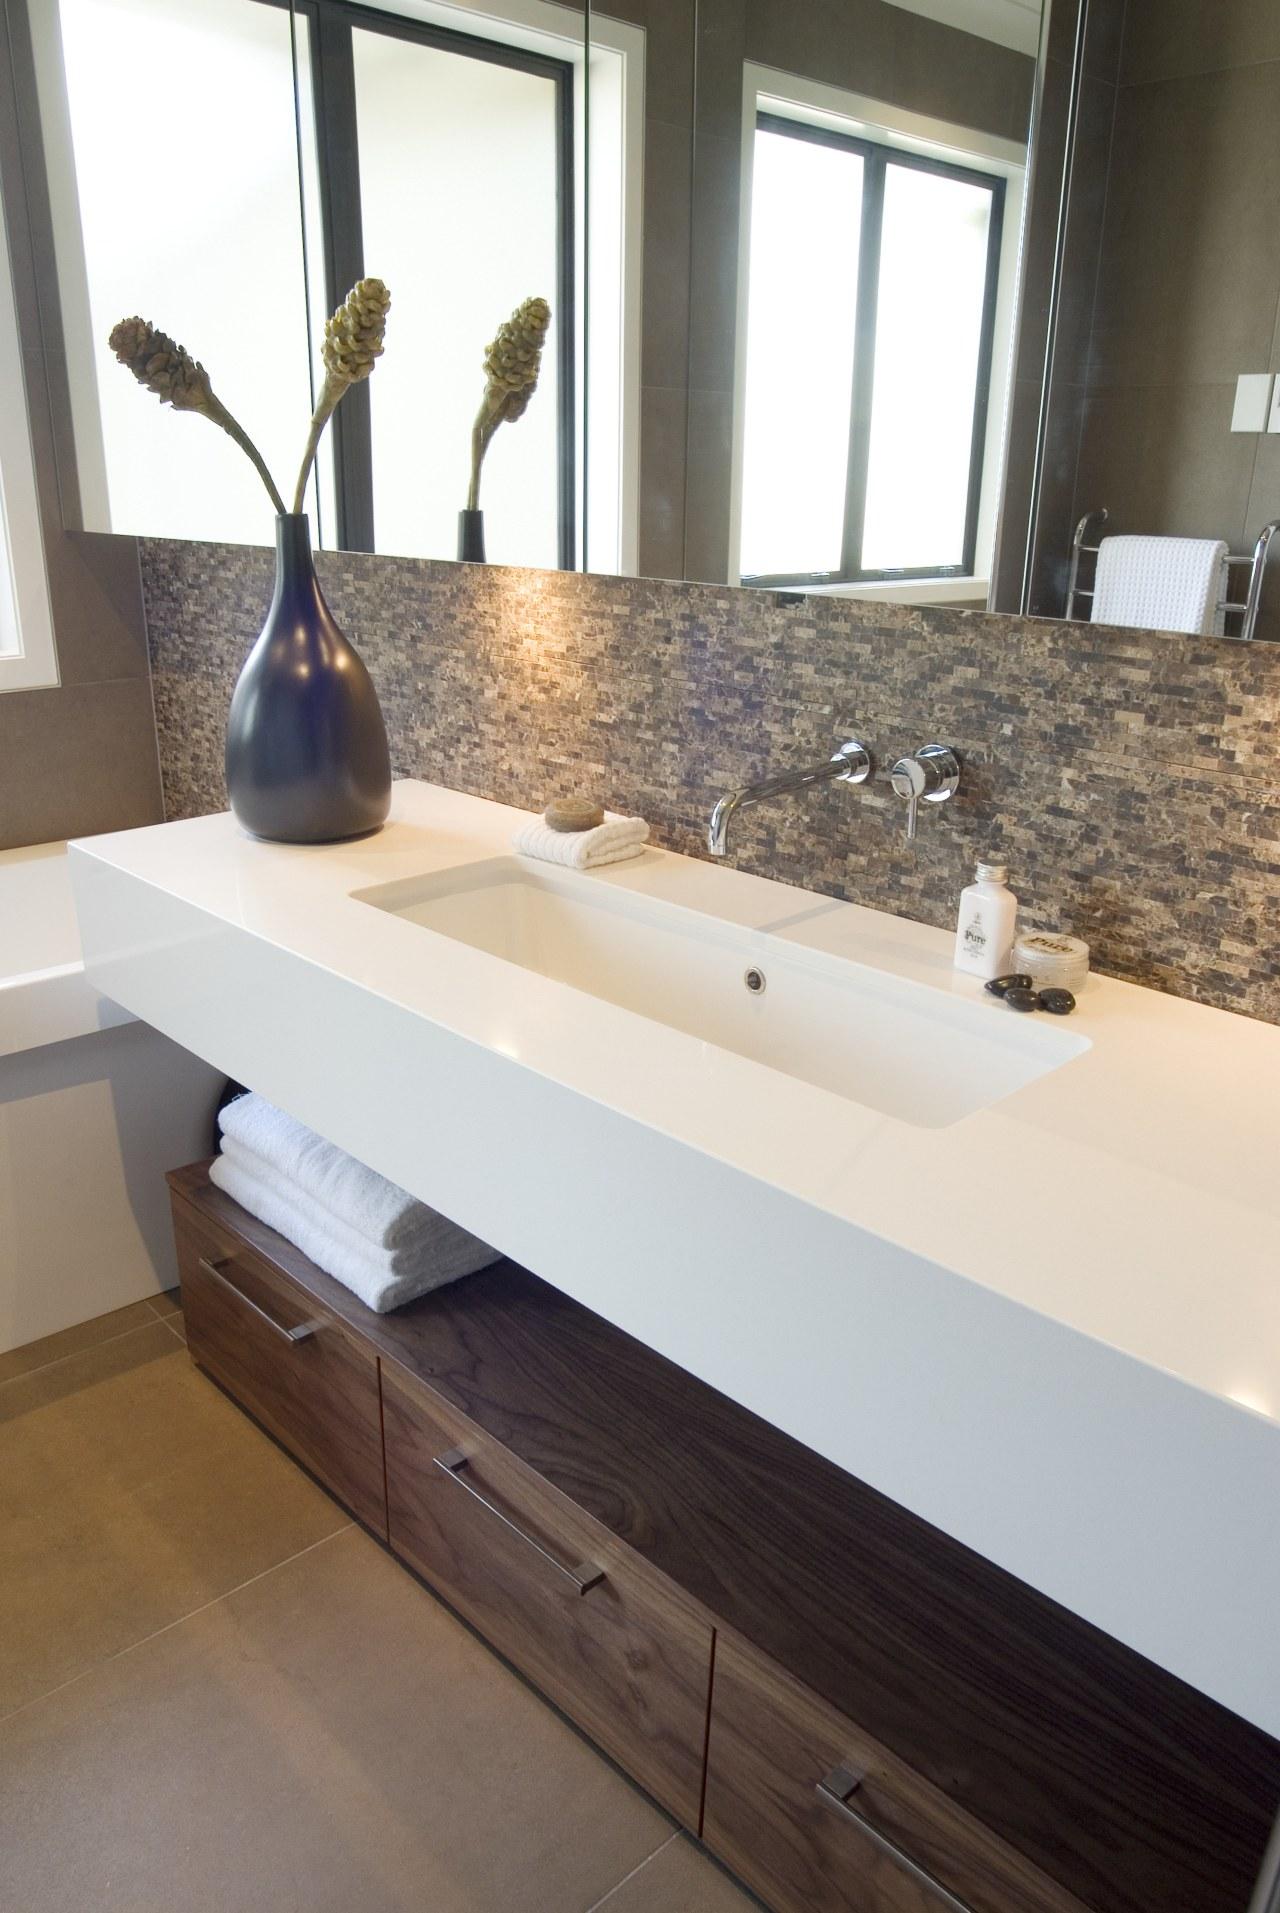 A view of some bathroomware from Robertson Agencies. bathroom, countertop, floor, flooring, hardwood, interior design, plumbing fixture, room, sink, tile, wood, white, gray